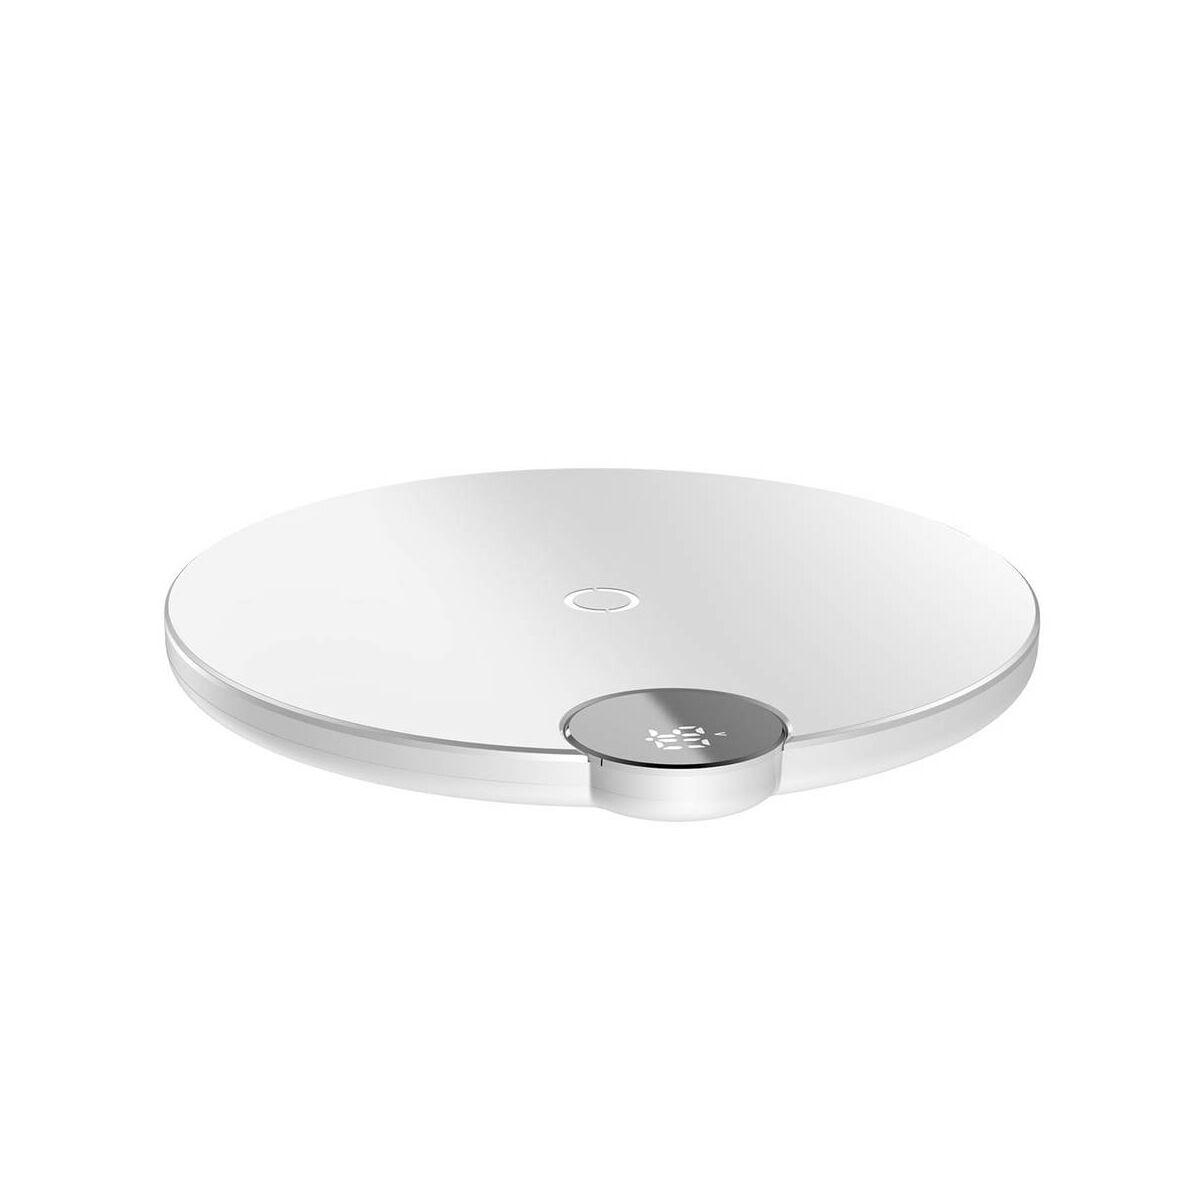 Baseus vezeték nélküli töltő, digitális LED kijelző 10W, fehér (WXsX-02)